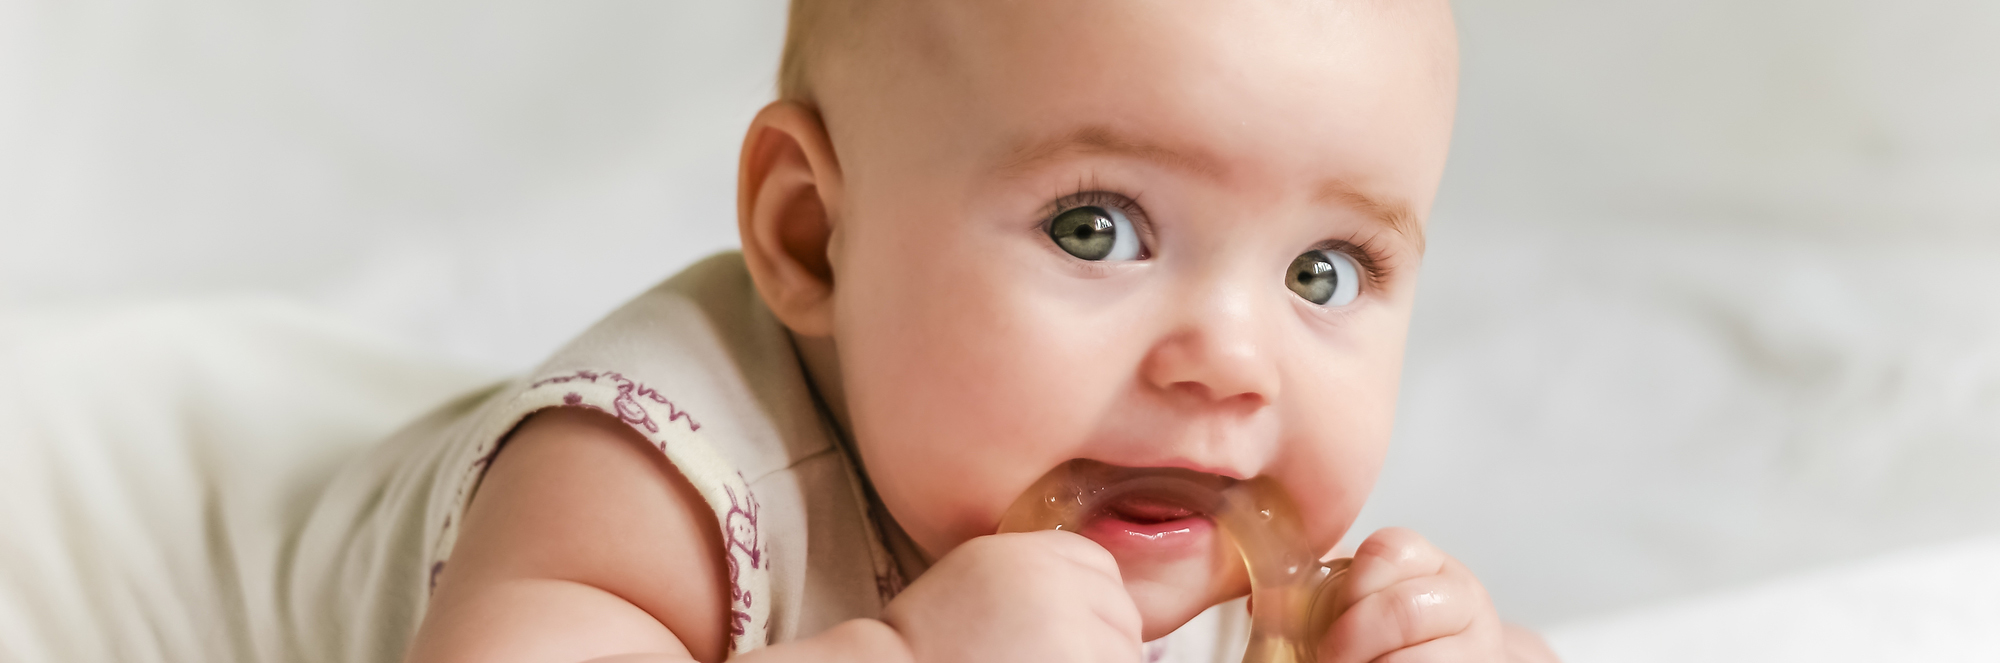 Baby biting on teething ring